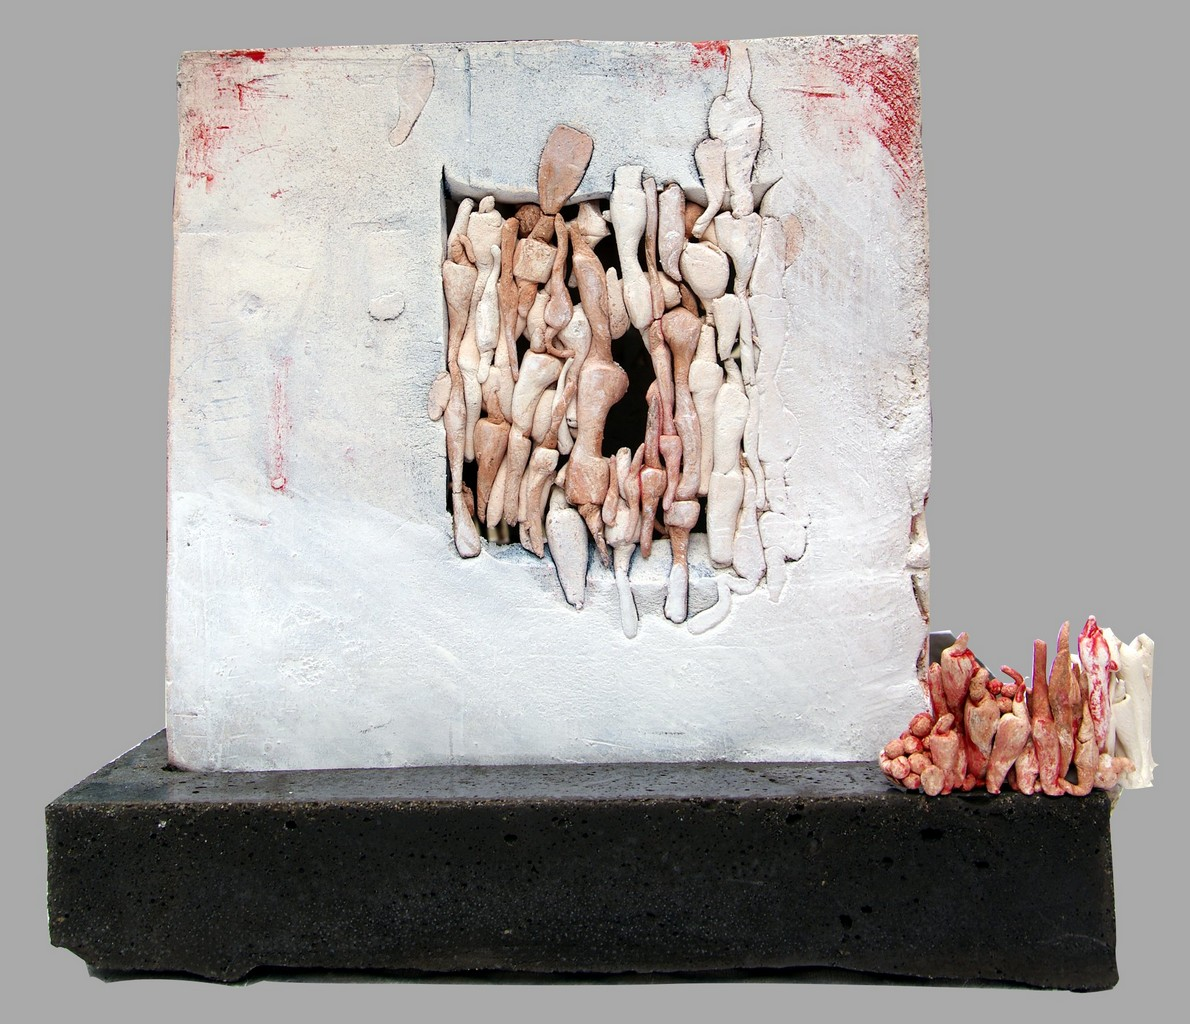 VISITE, 2012 céramique polie, cirée (21x20x21cm) Inv. 00002 vendu